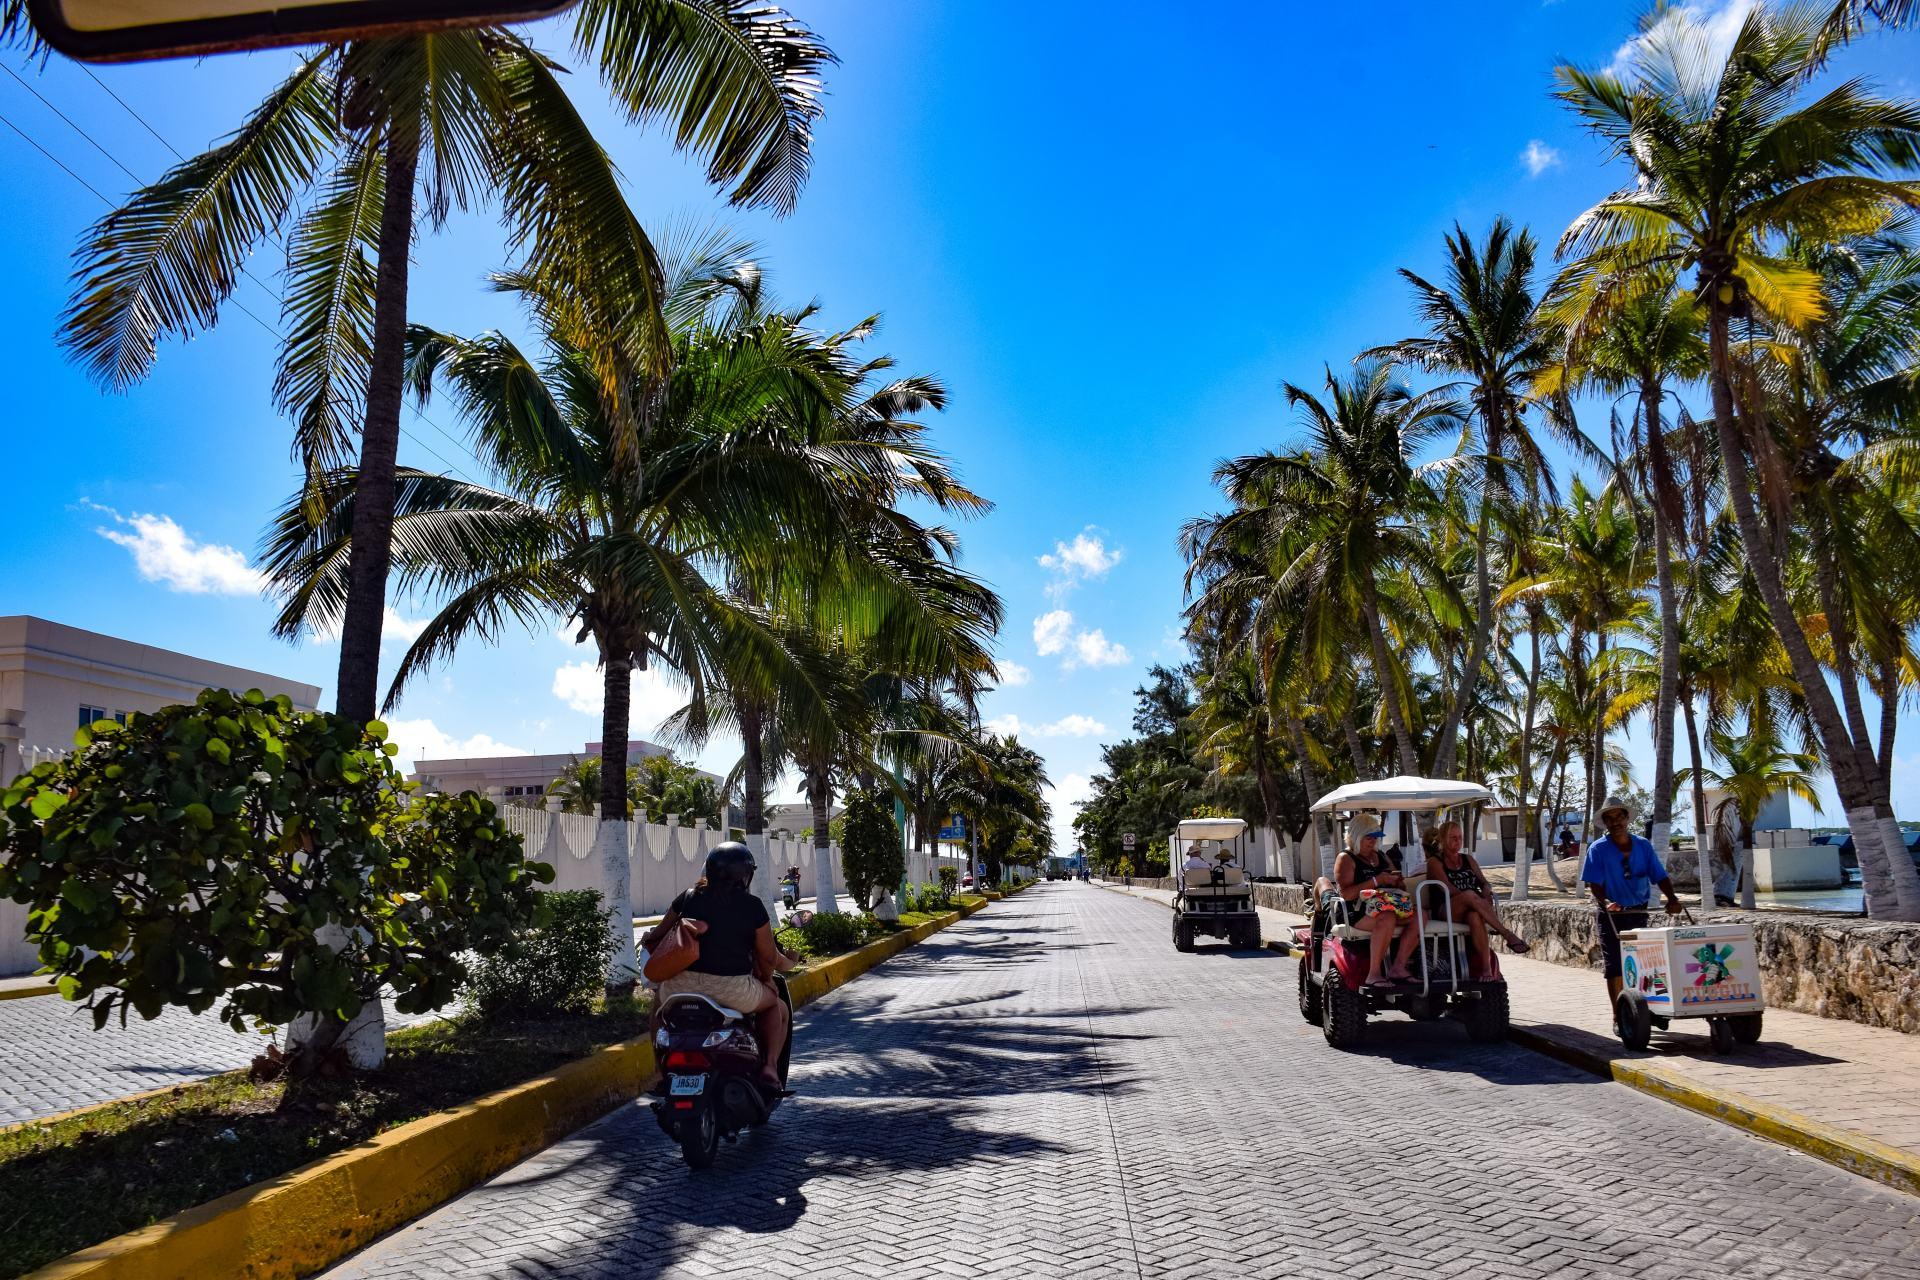 island life on isla mujeres